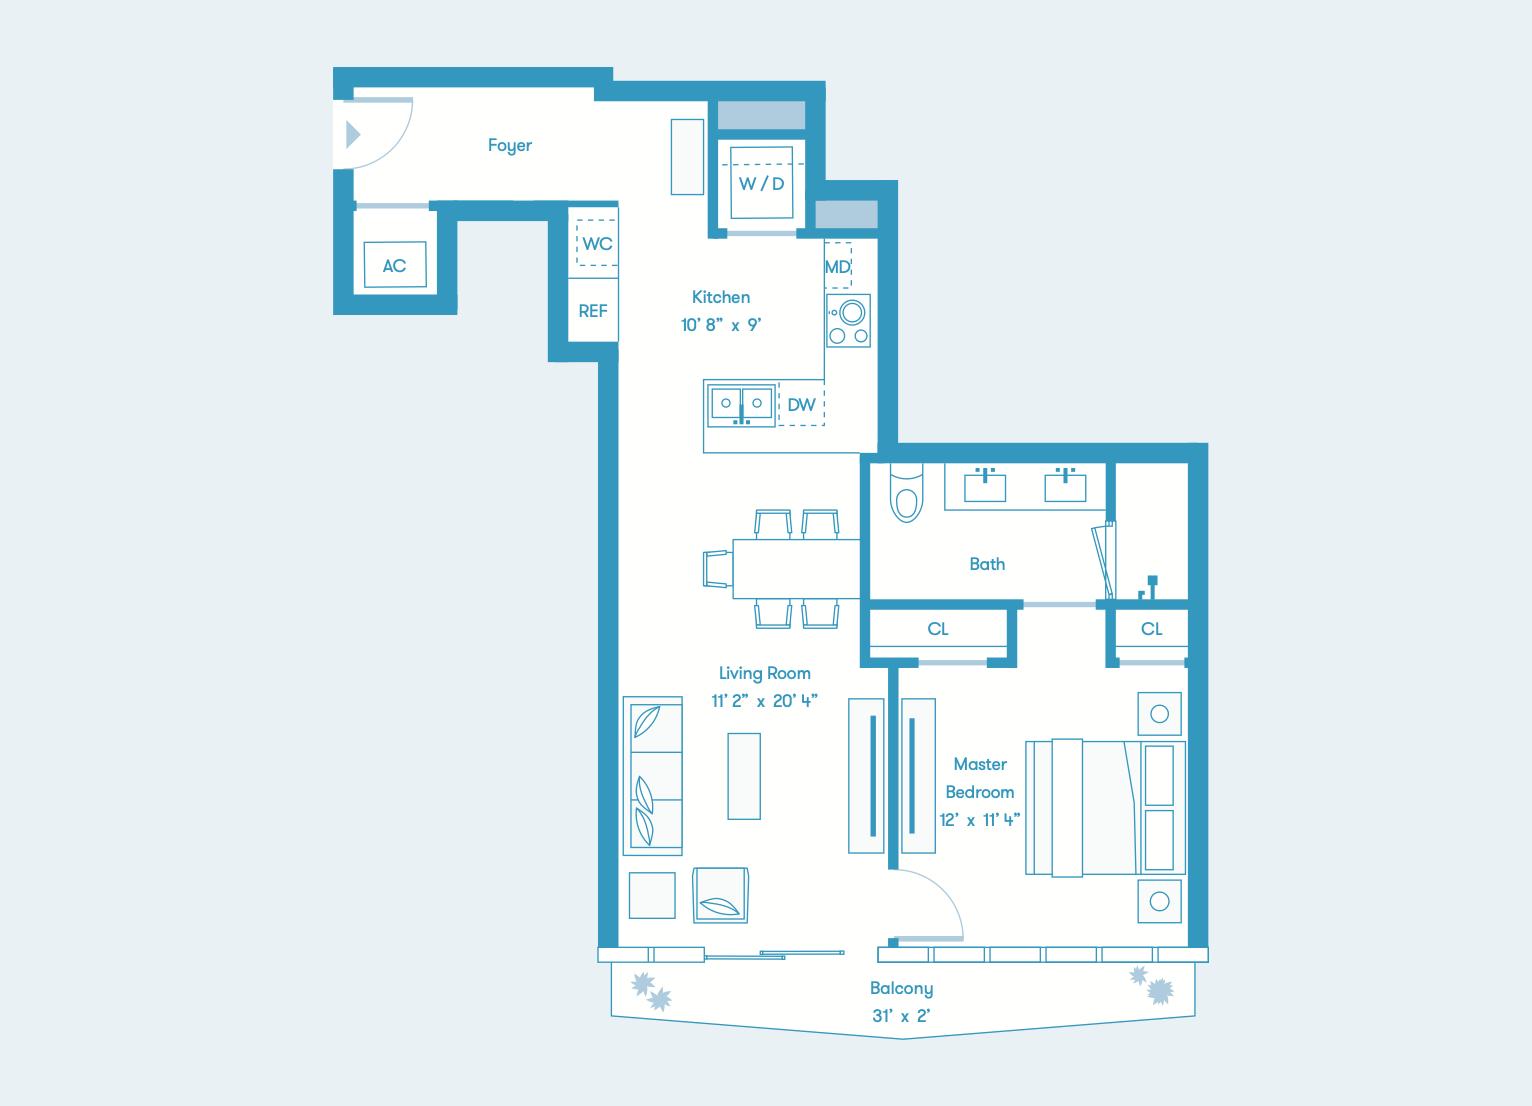 Bay Residence S Floors 8 - 36